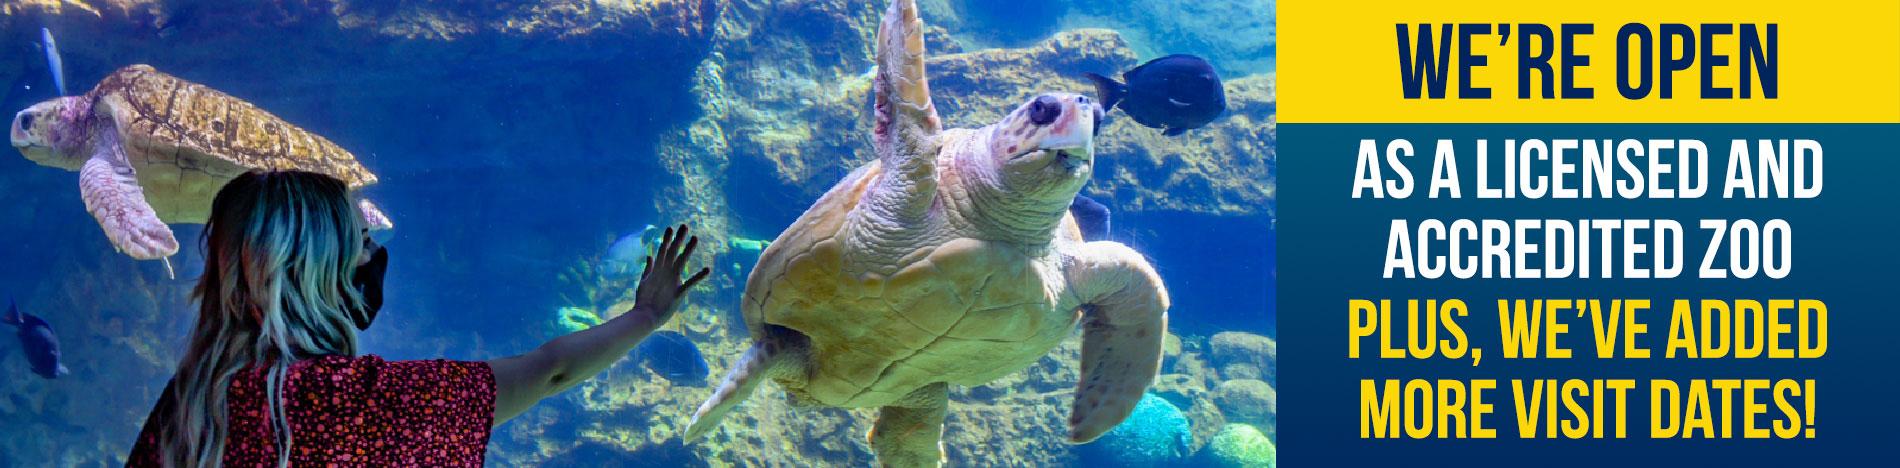 SeaWorld San Diego is open